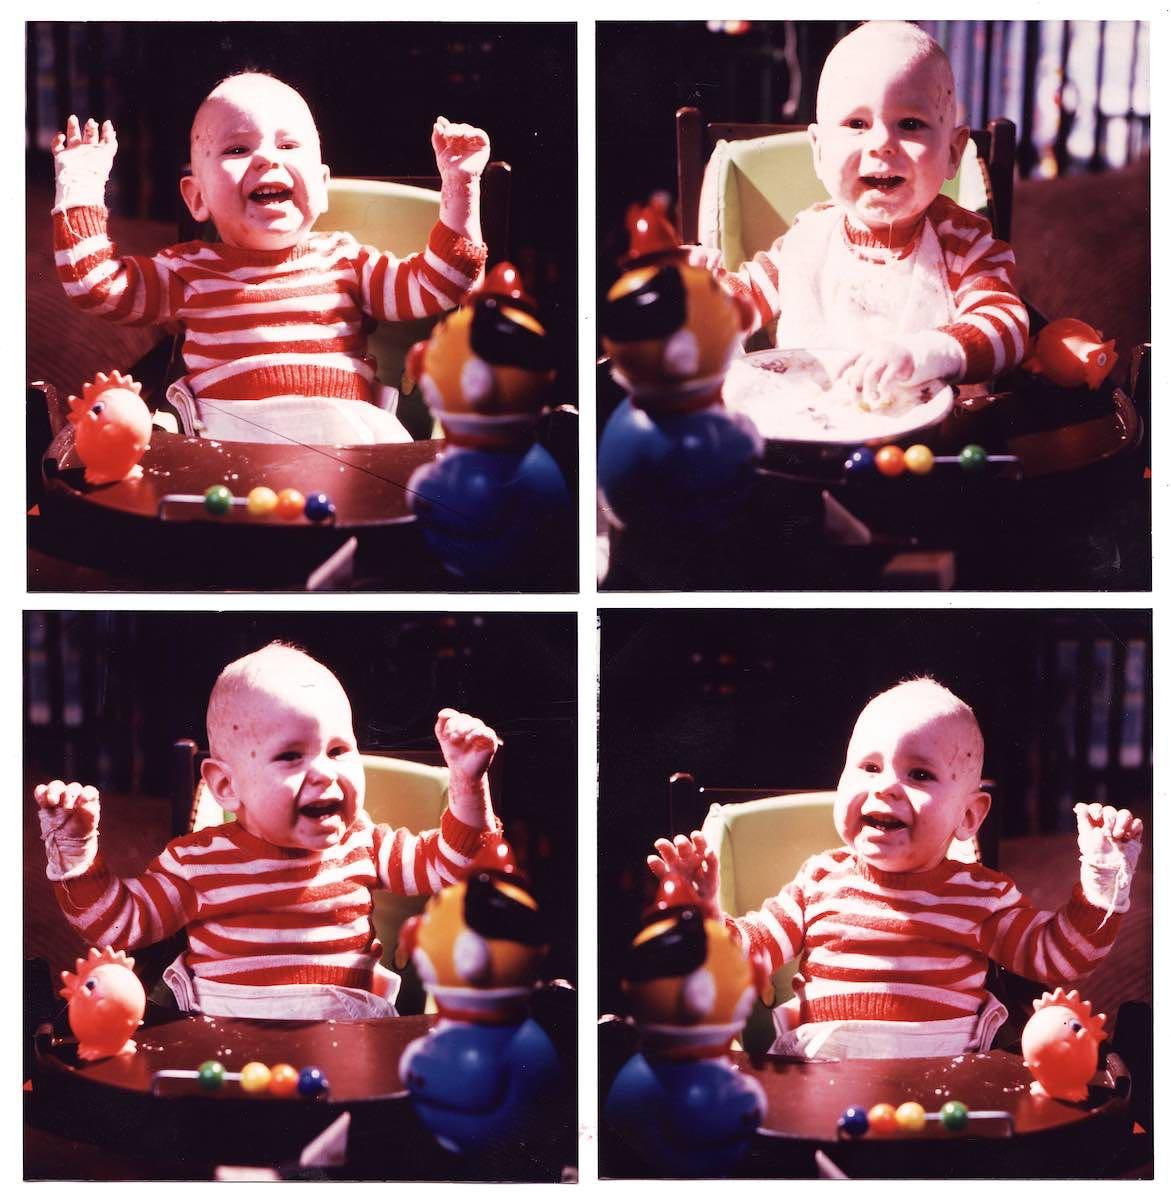 Zijn eerste verjaardag  16 April 1979   Bor'n to be wild  The Live of Bor